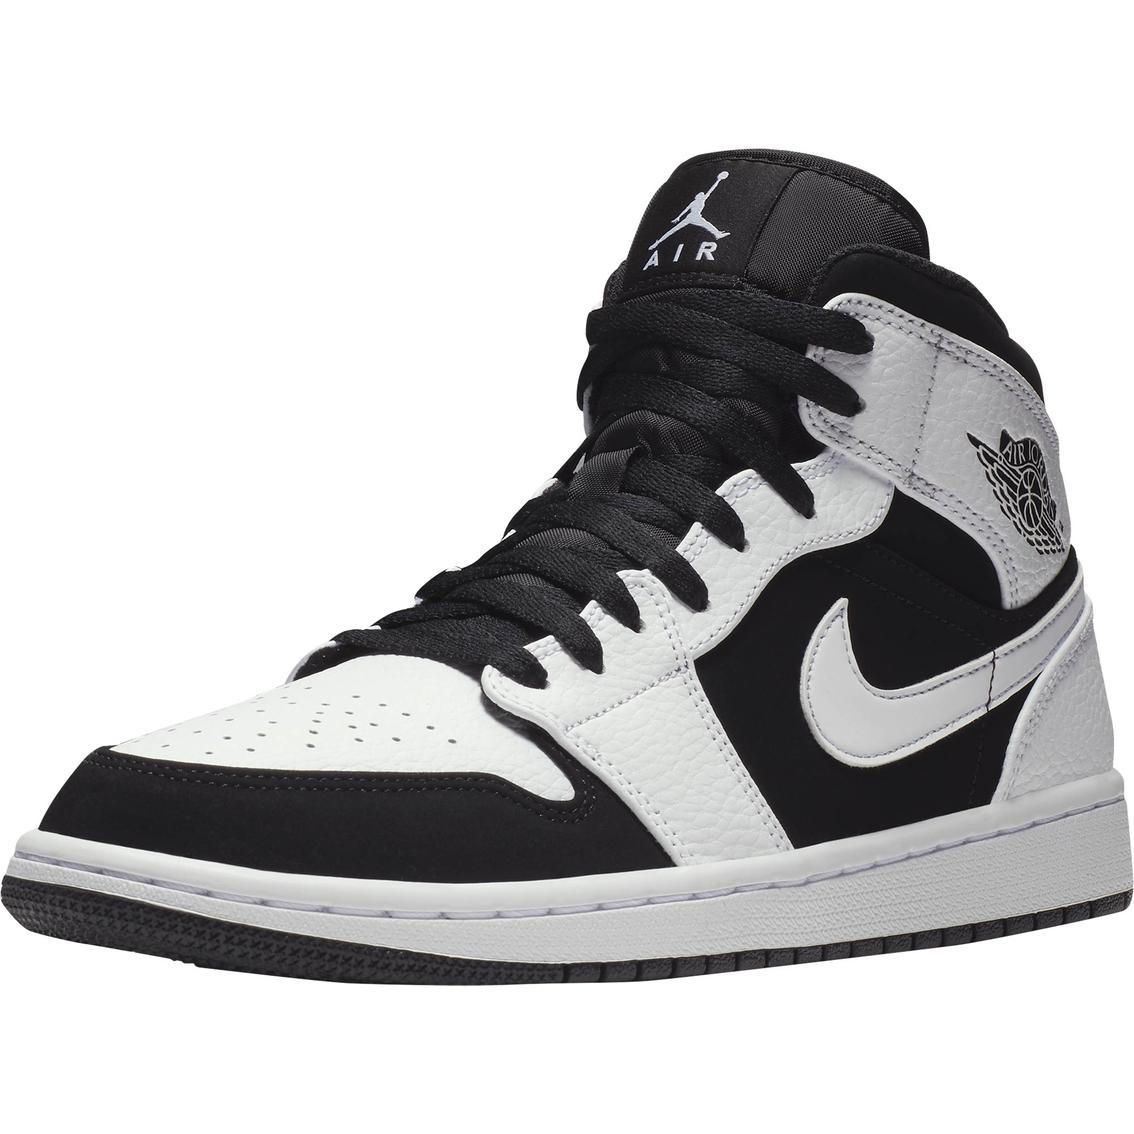 f0ef9afcd279 Jordan Men s Air Jordan 1 Mid Shoes